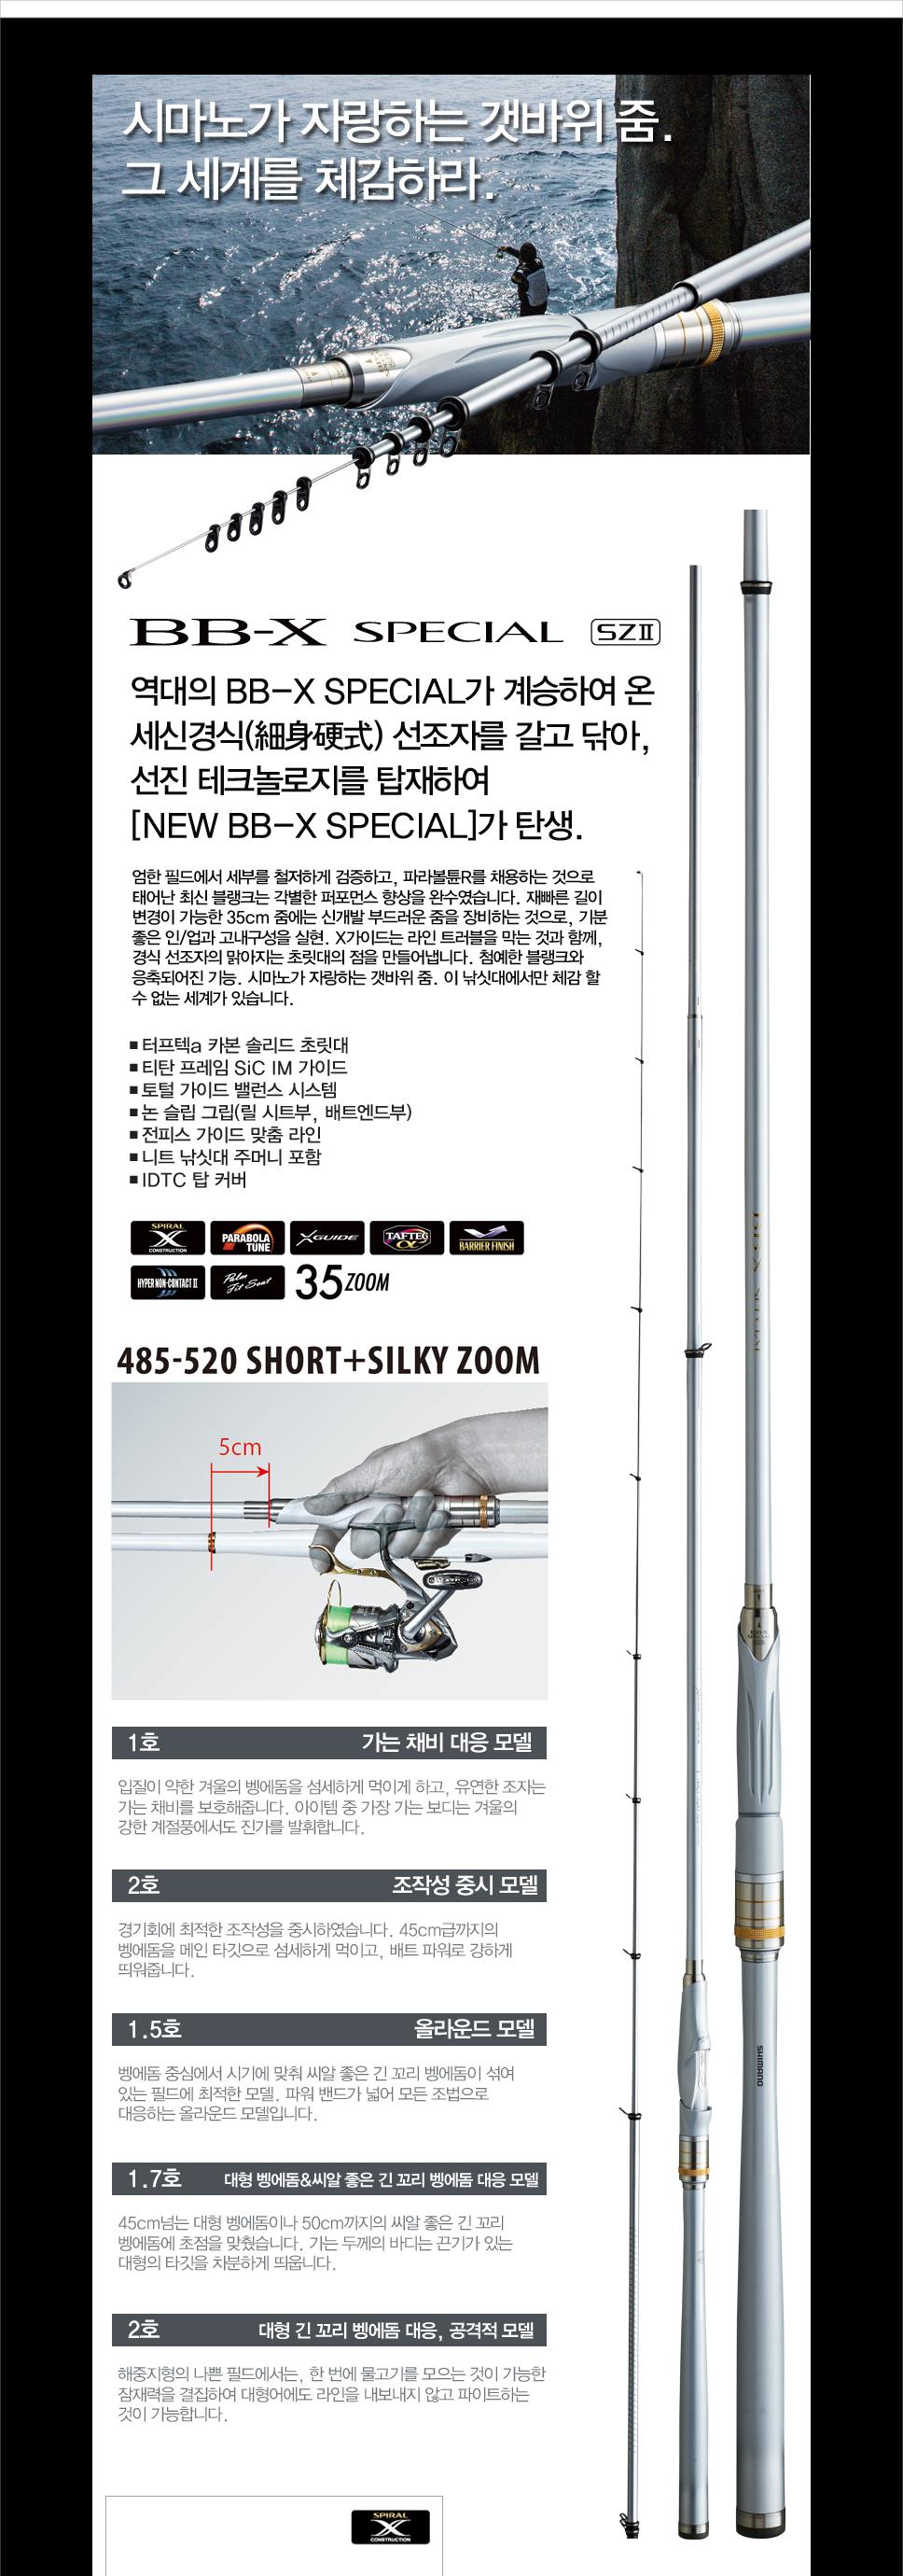 시마노 BB-X 스페셜 SZ2 (15) 윤성정품 ZOOM 줌대 줌낚시대 zoom 비비엑스스페셜sz2 비비엑스스페샬sz2